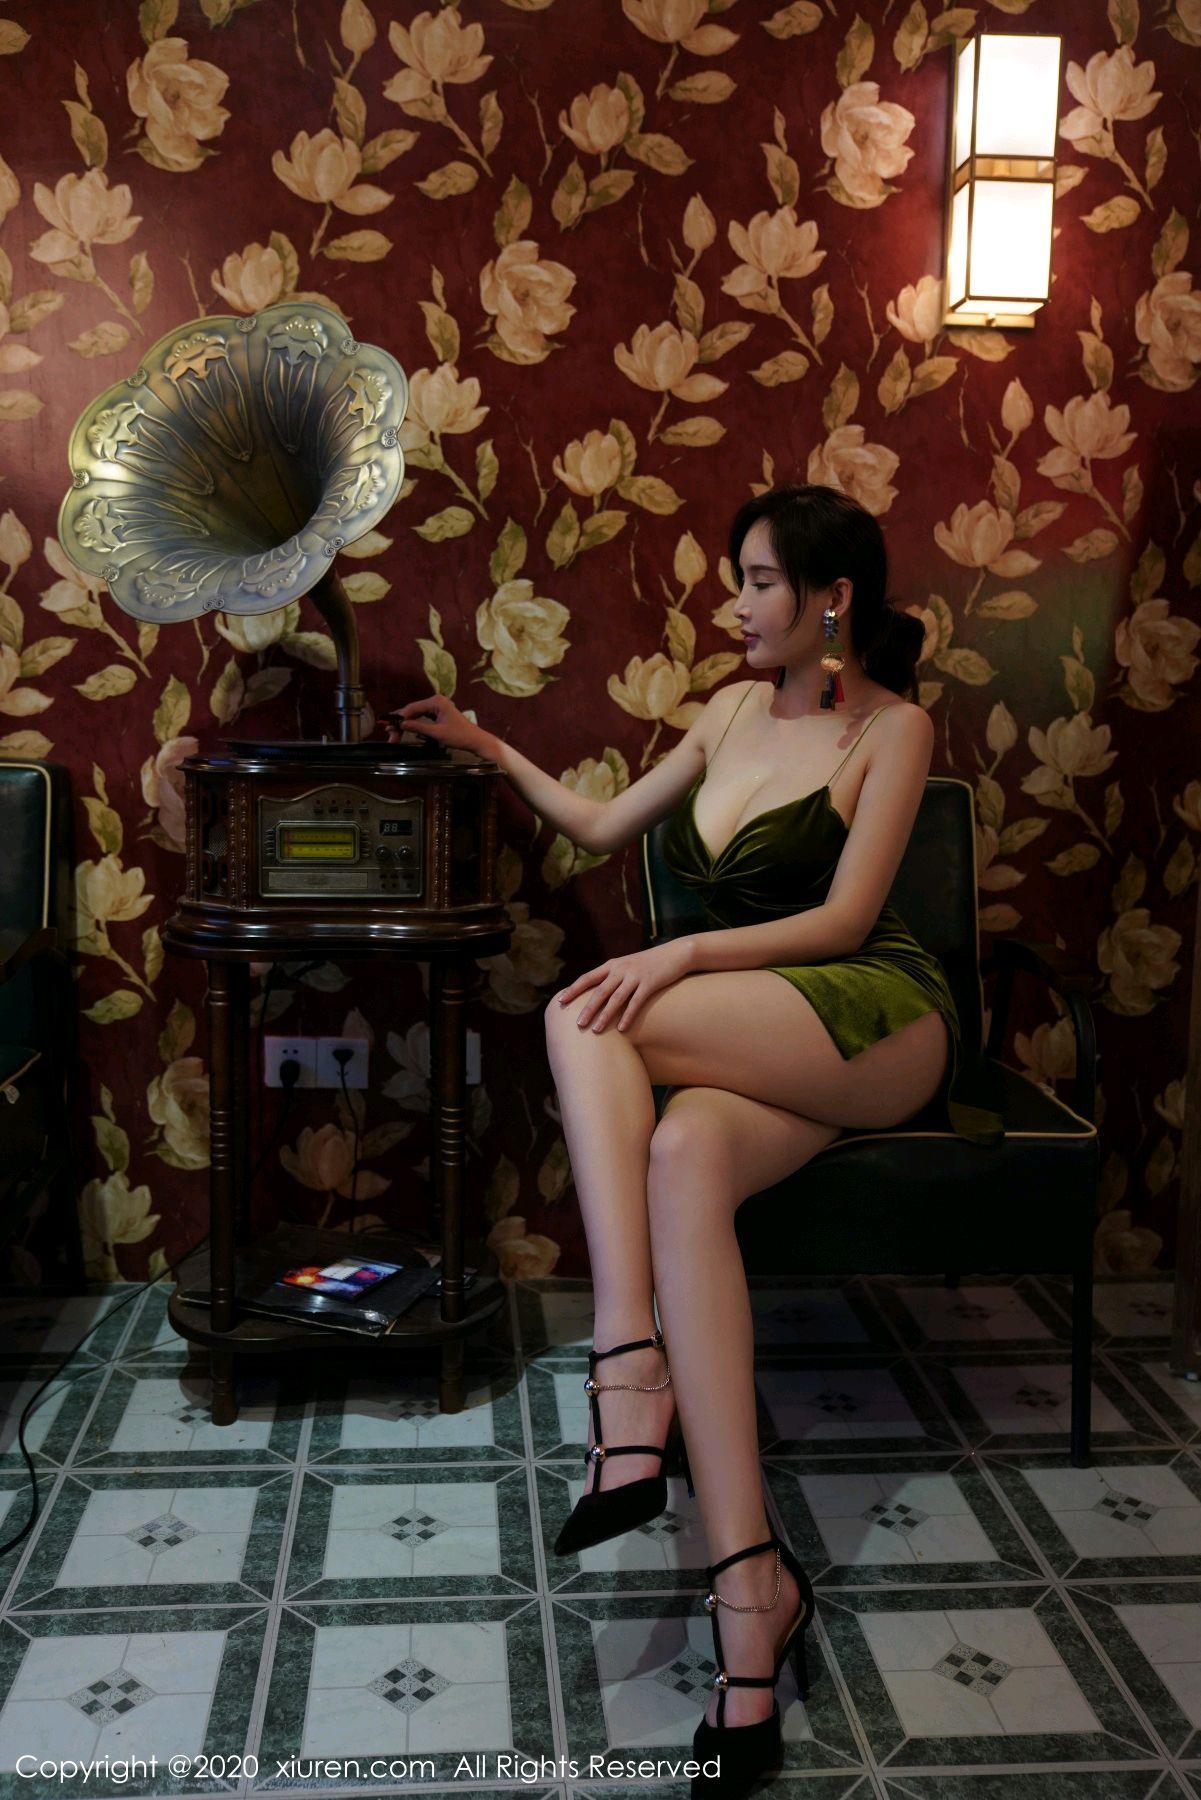 [XiuRen] Vol.2477 Tu Fei Yuan Ai Chuo QIong 39P, Sexy, Xiuren, Zhou Yan Xi